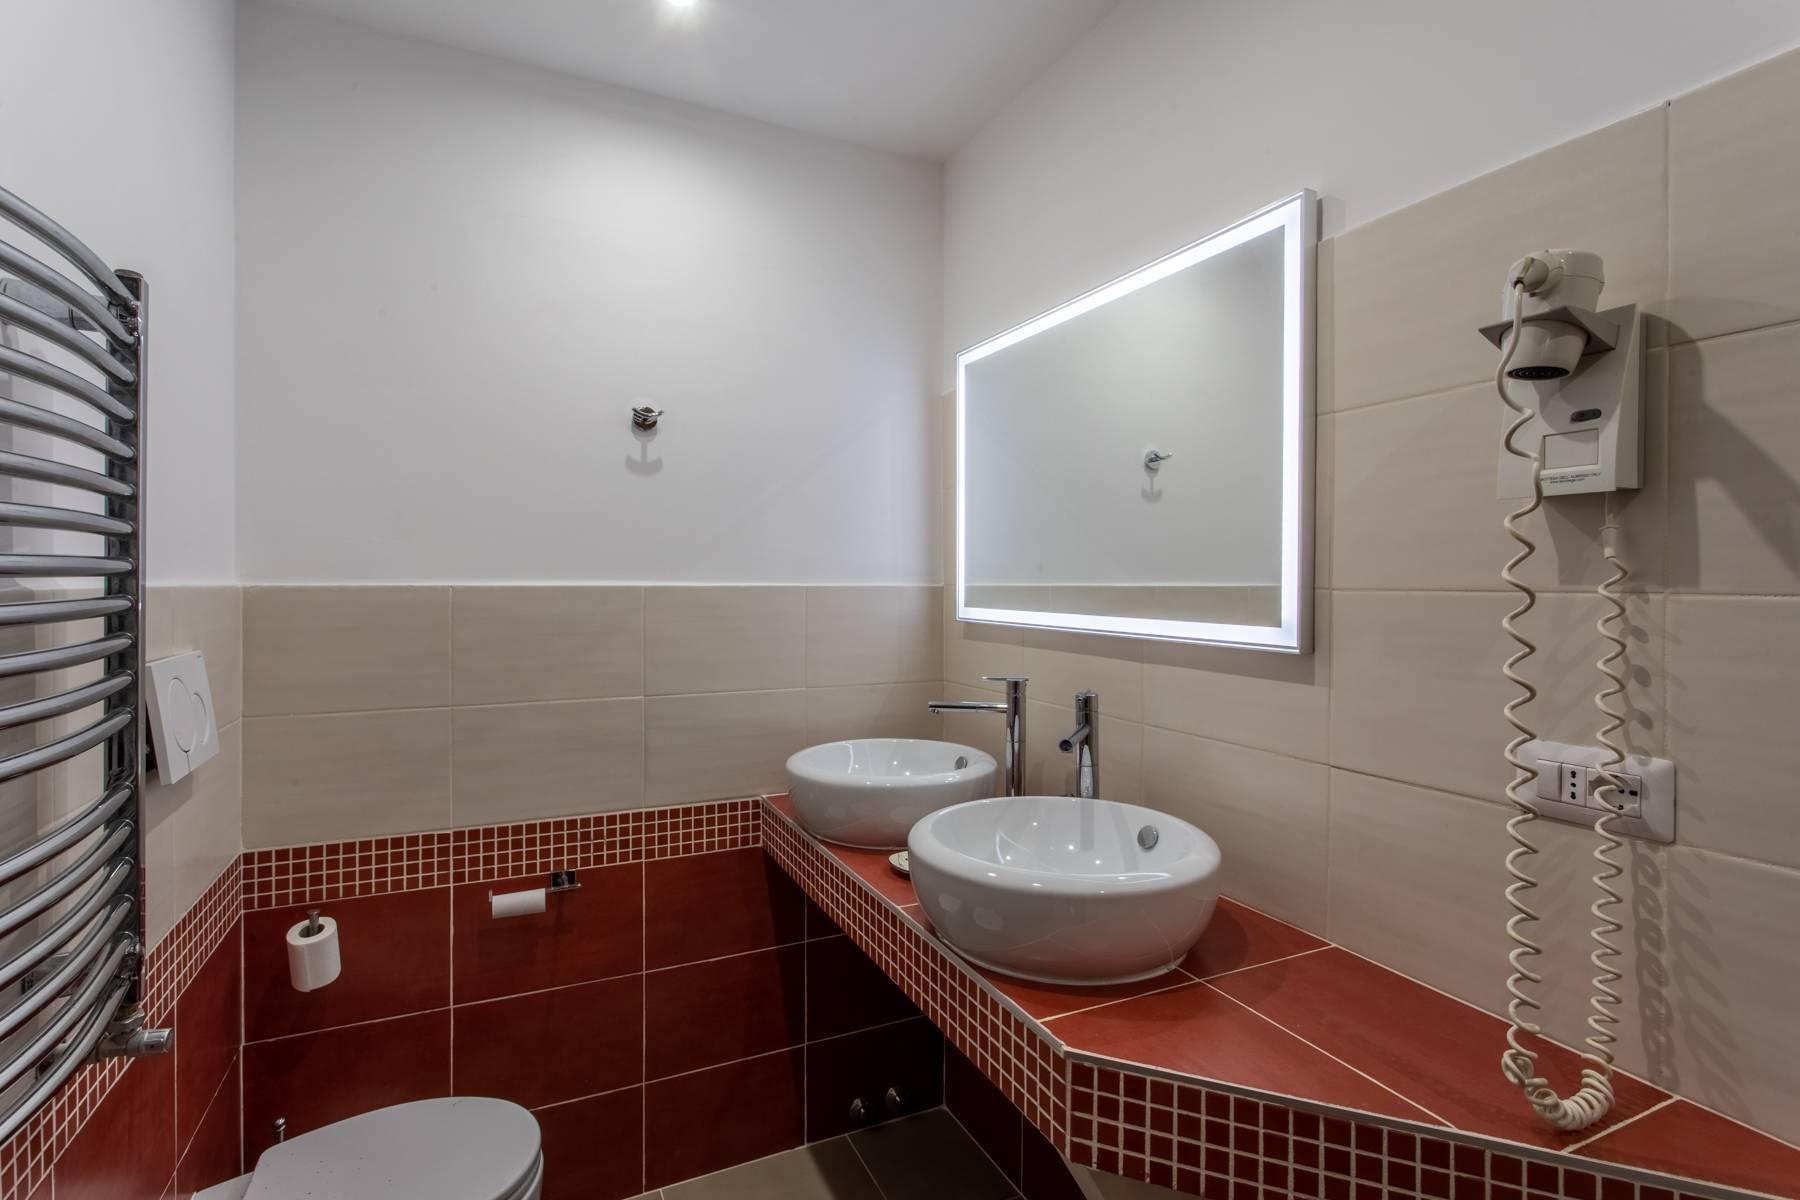 Appartamento dal design moderno a pochi passi da piazza del Popolo - 12